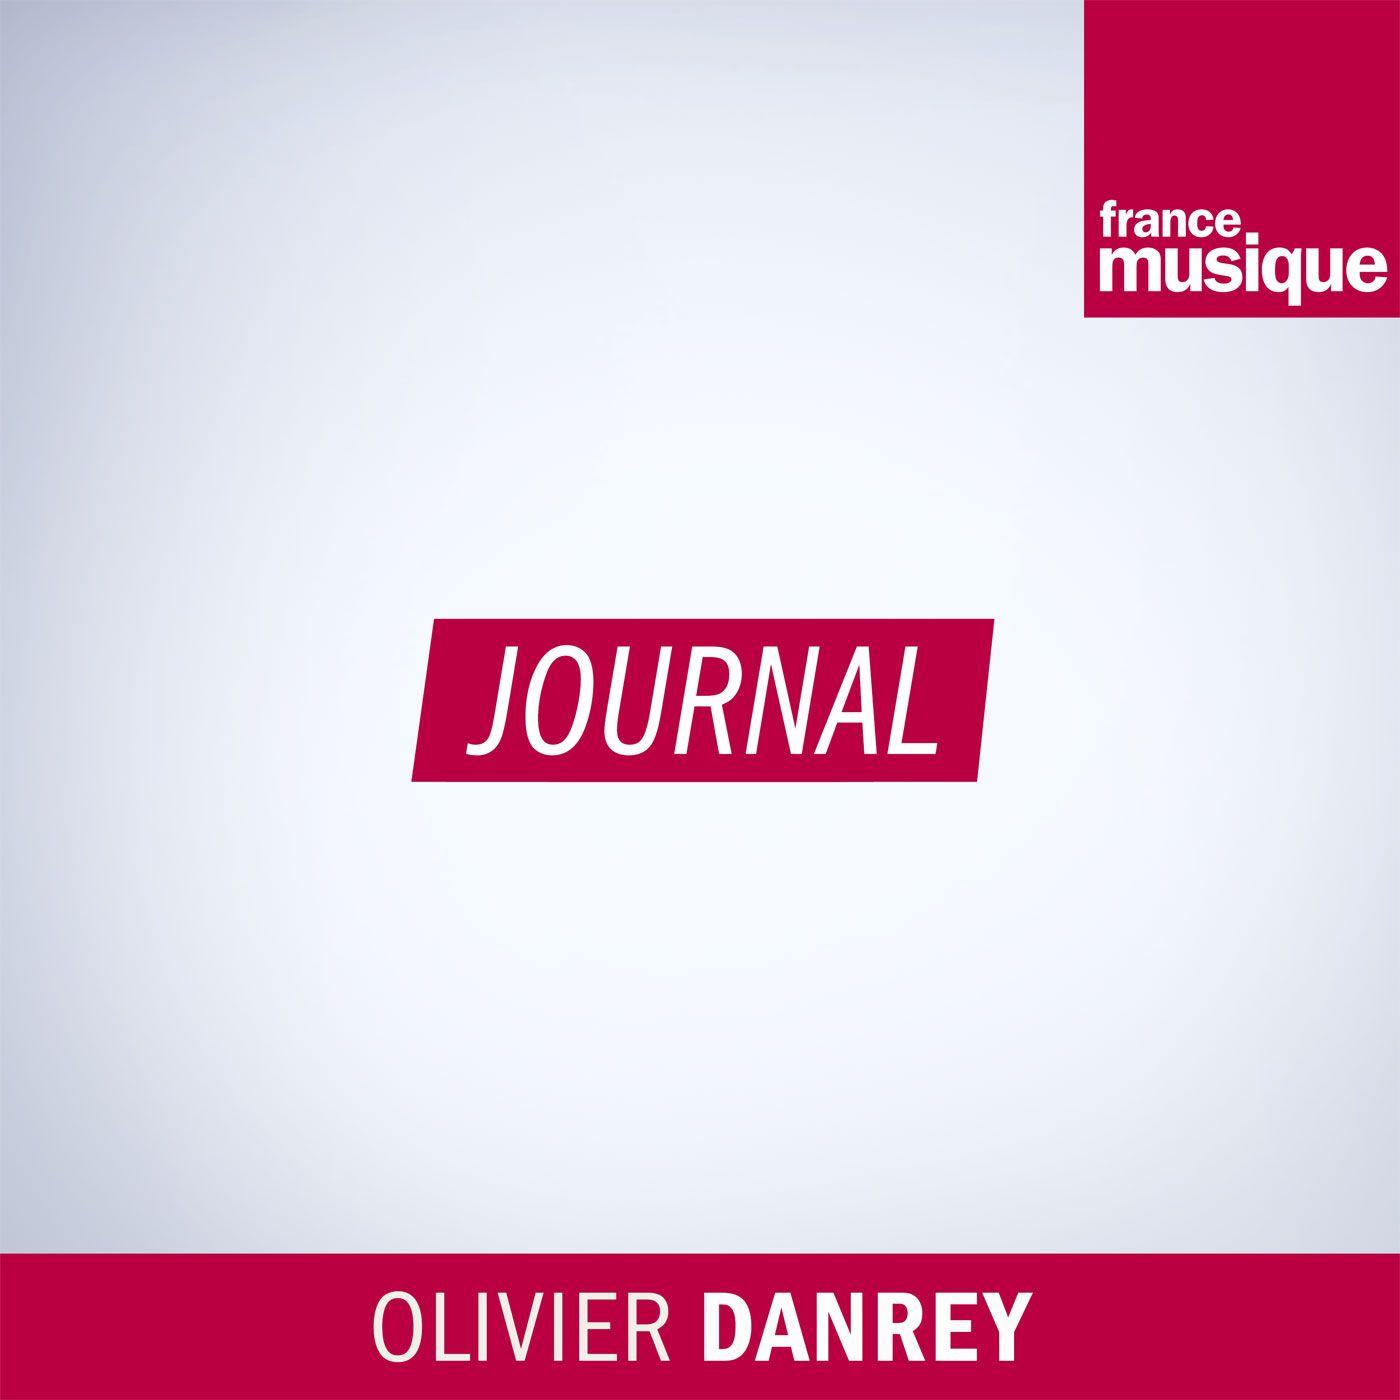 Image 1: Le journal de 8h00 de France Musique